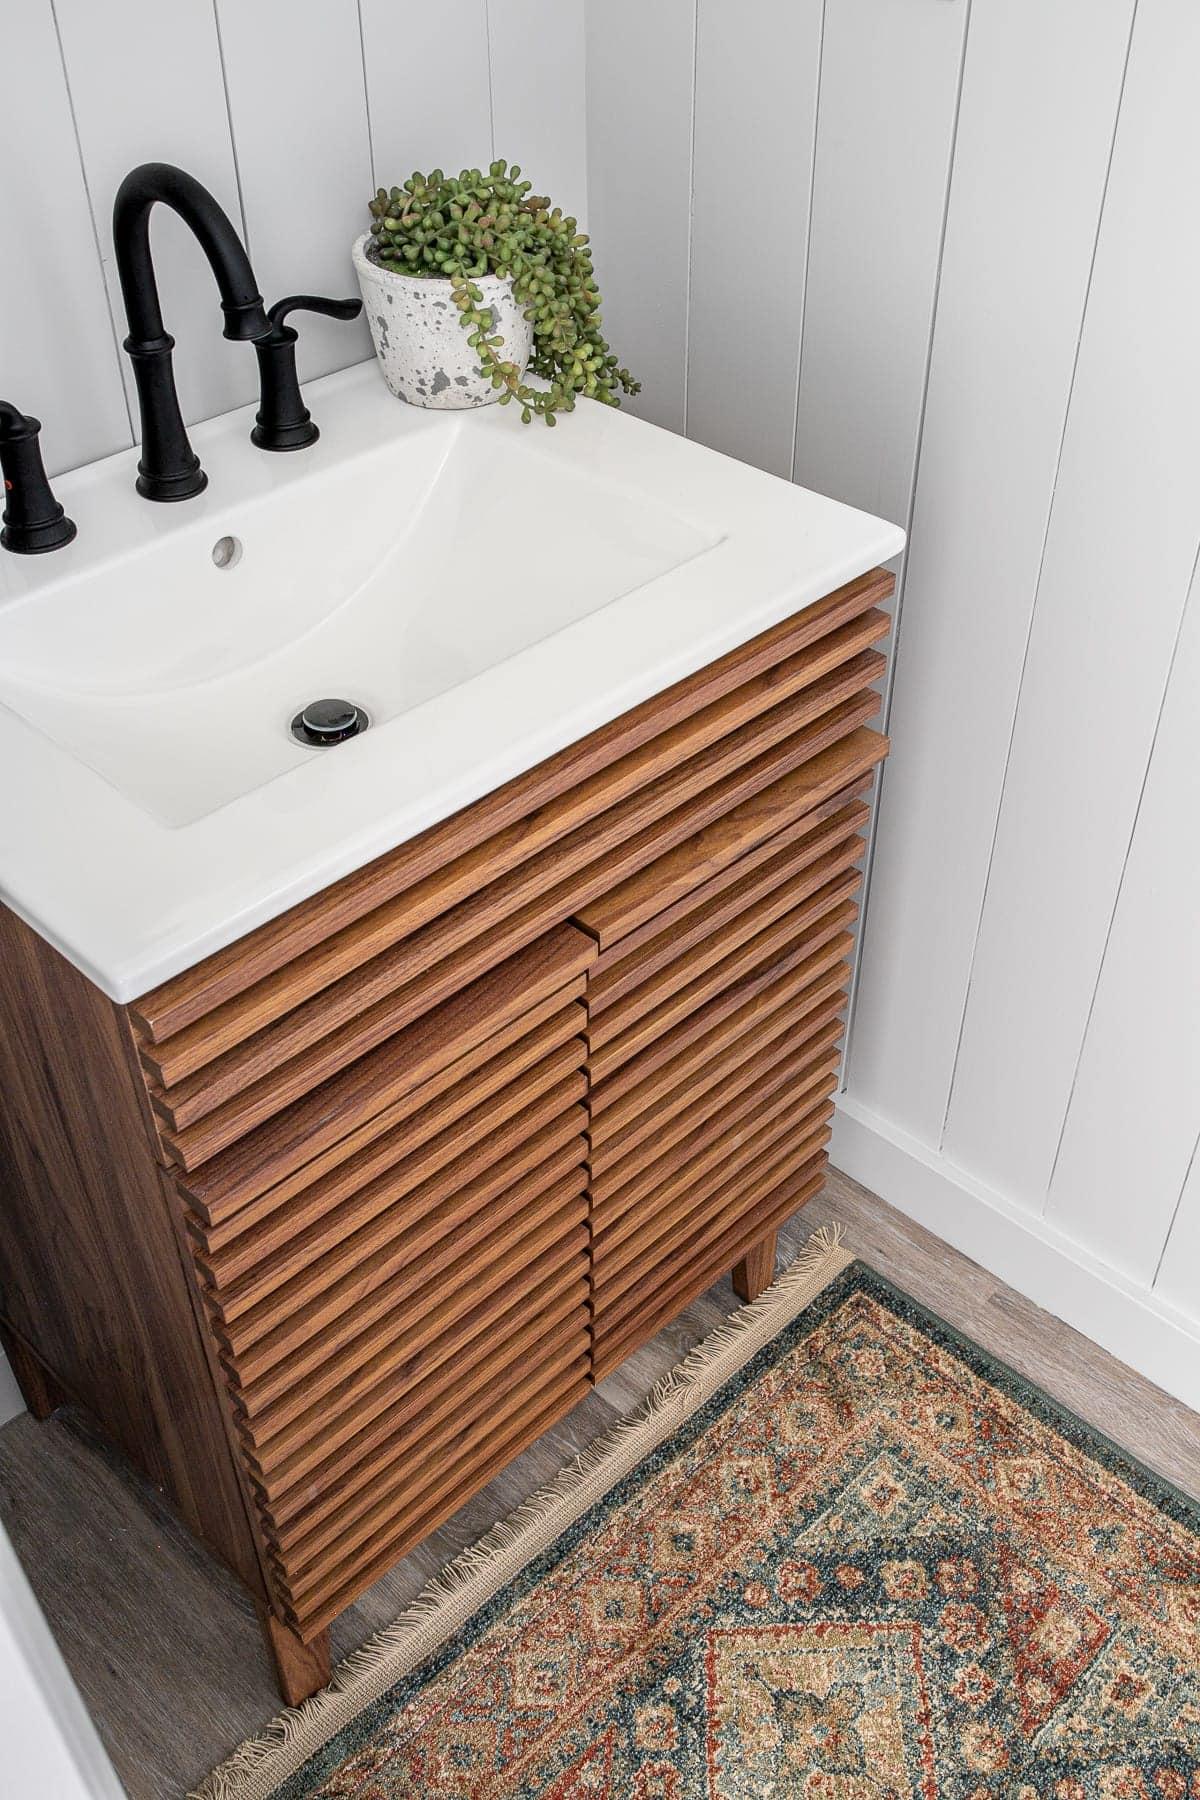 Mid Century Modern sink vanity and vintage style rug